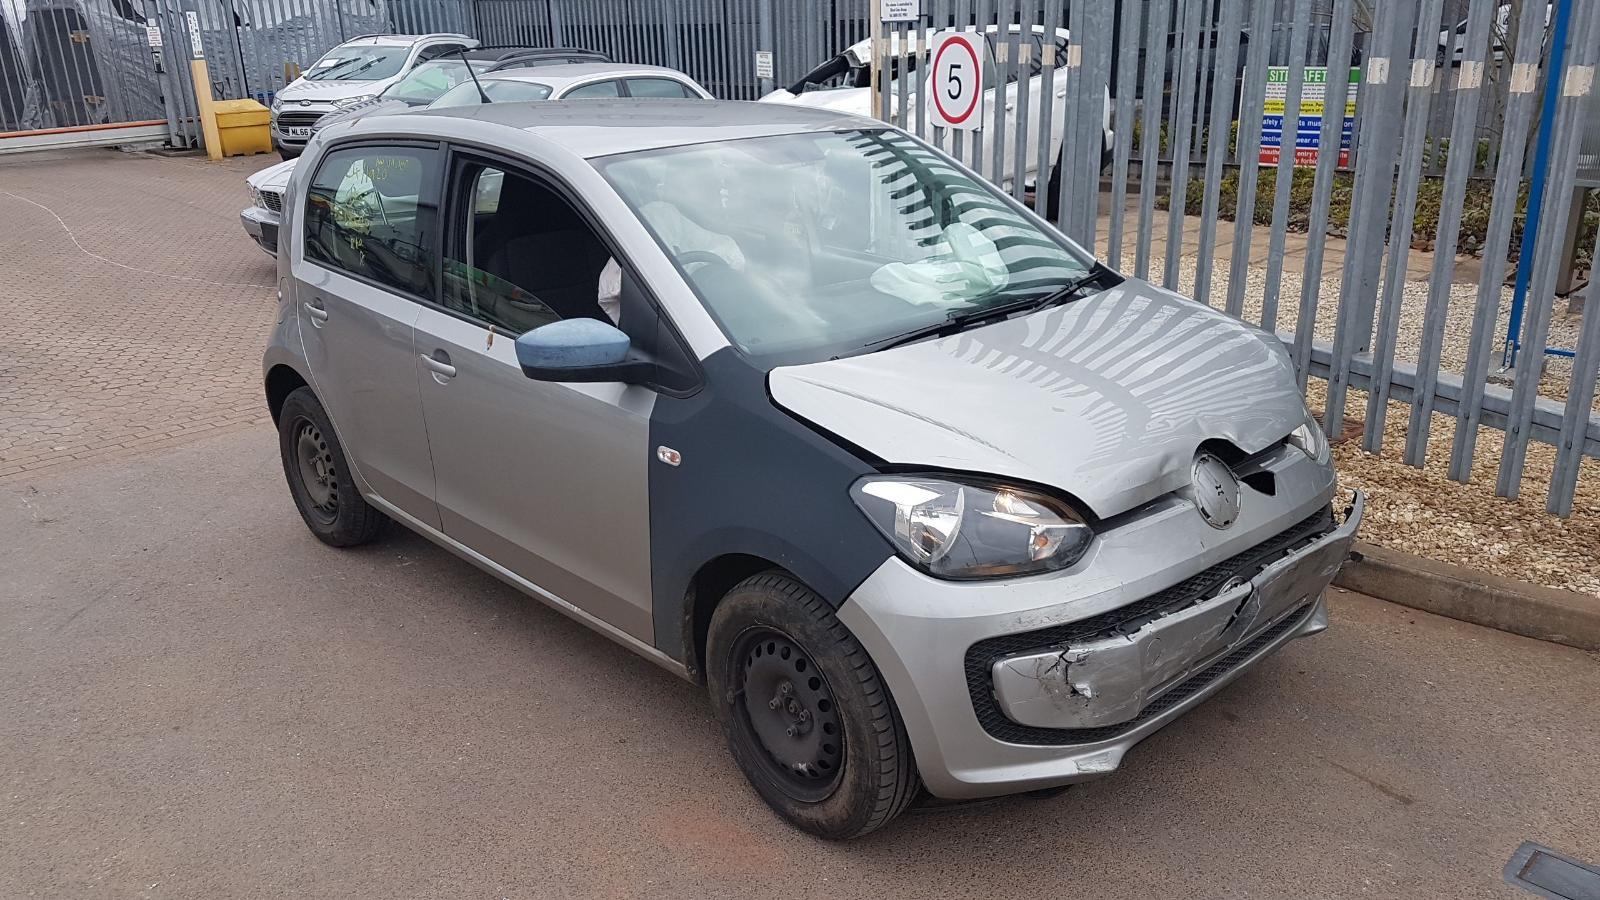 Image for a Volkswagen Up 2014 5 Door Hatchback